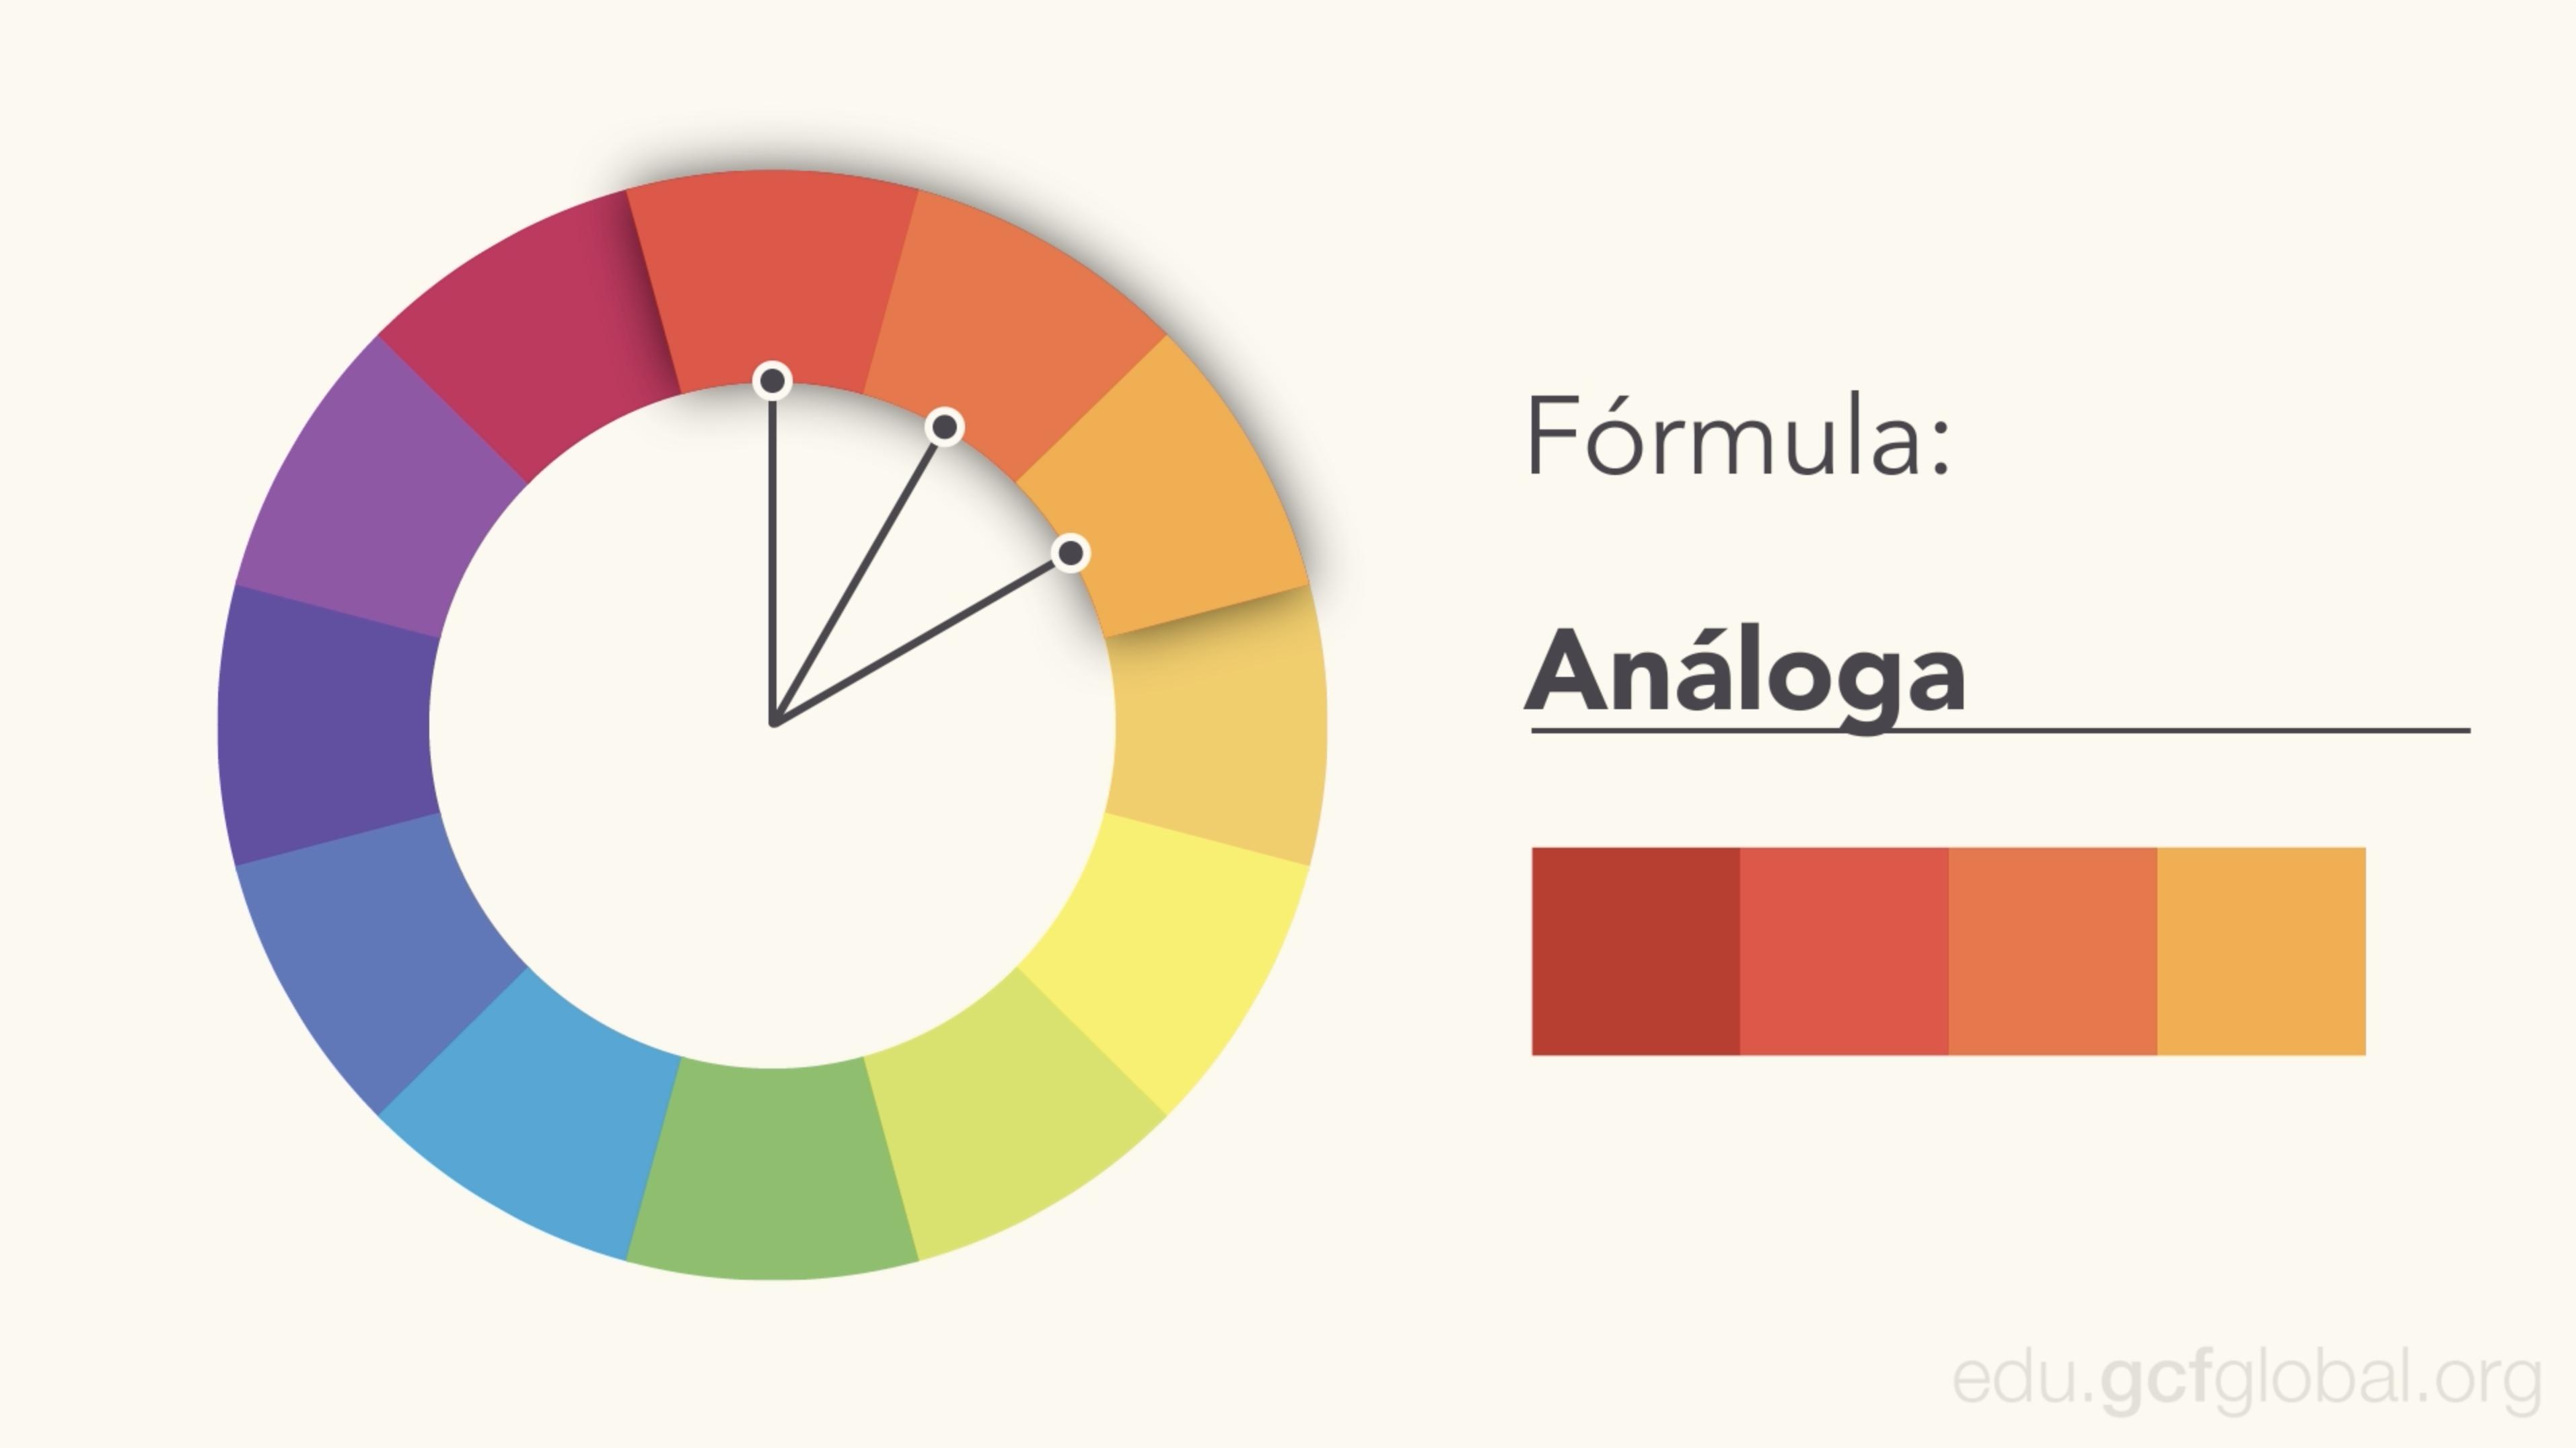 Imagen ejemplo de fórmula análoga y paleta análoga.